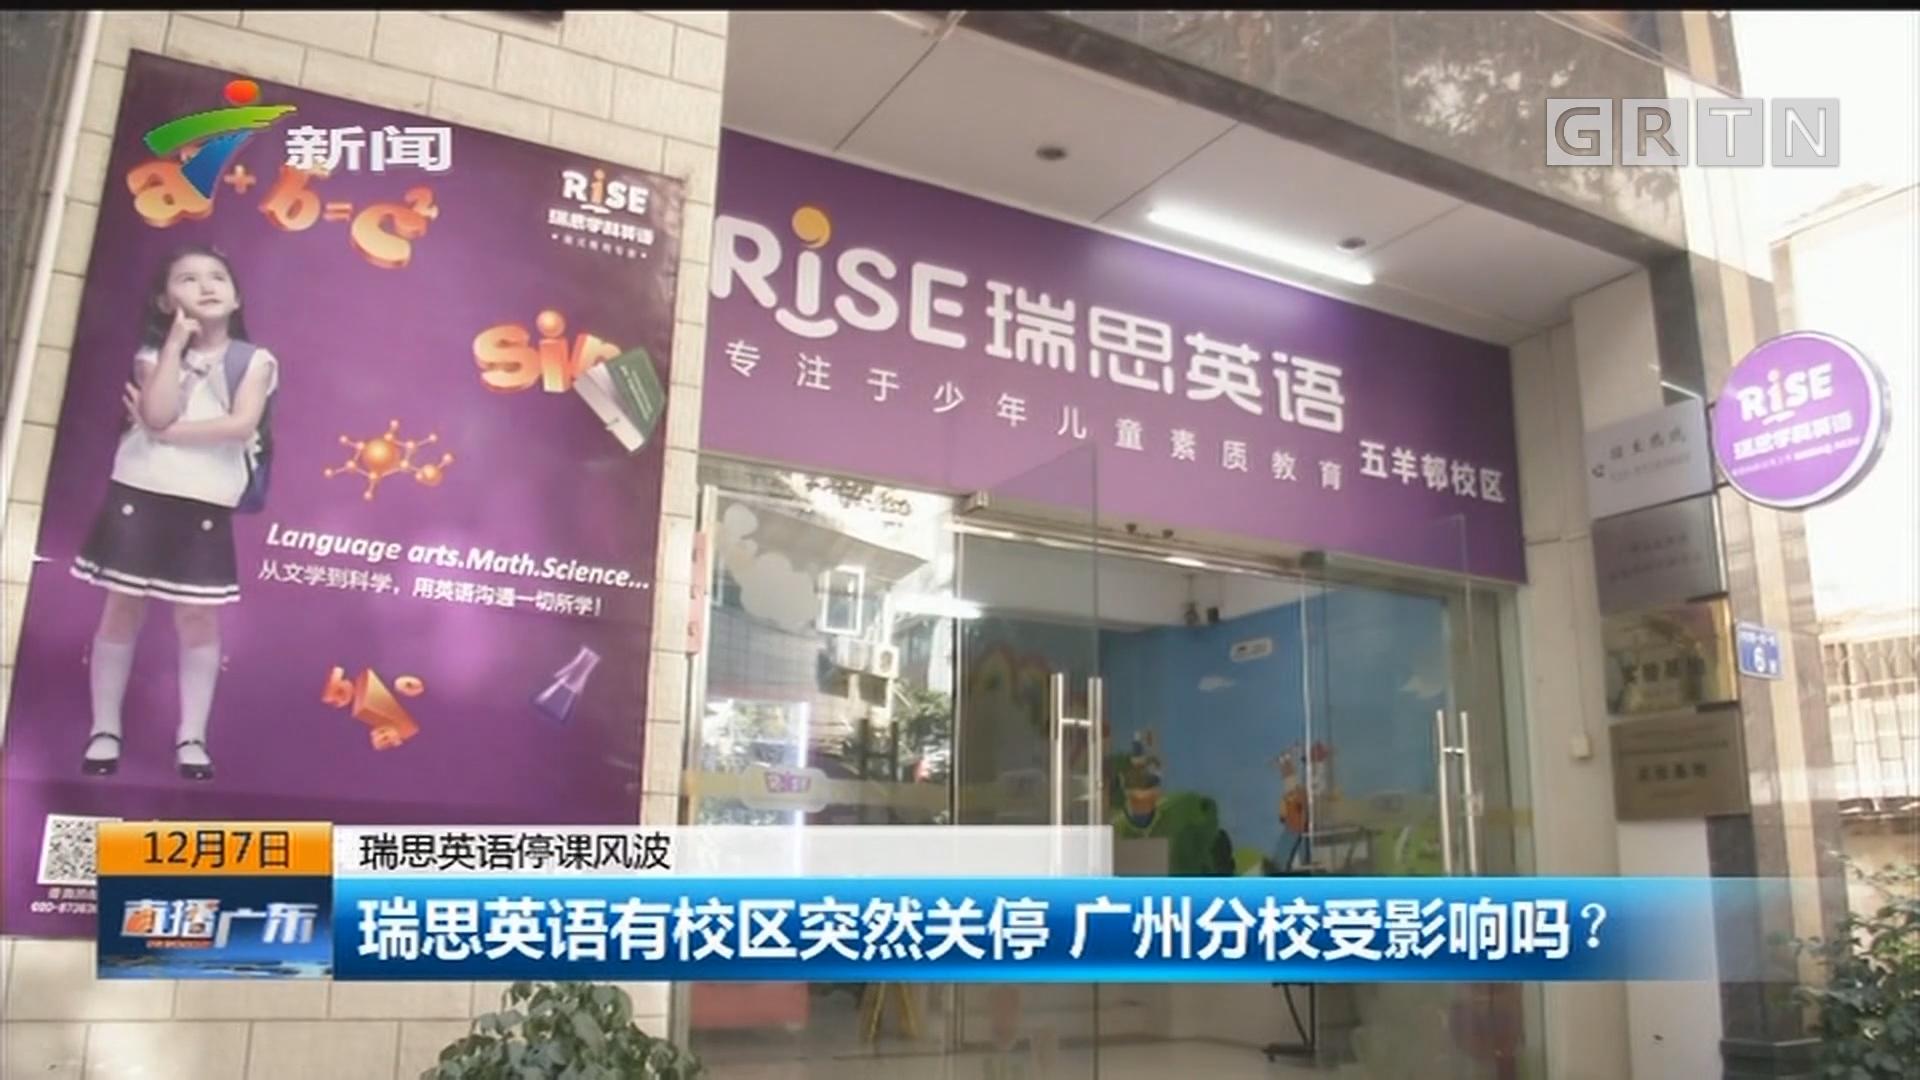 瑞思英语停课风波 瑞思英语有校区突然关停 广州分校受影响吗?